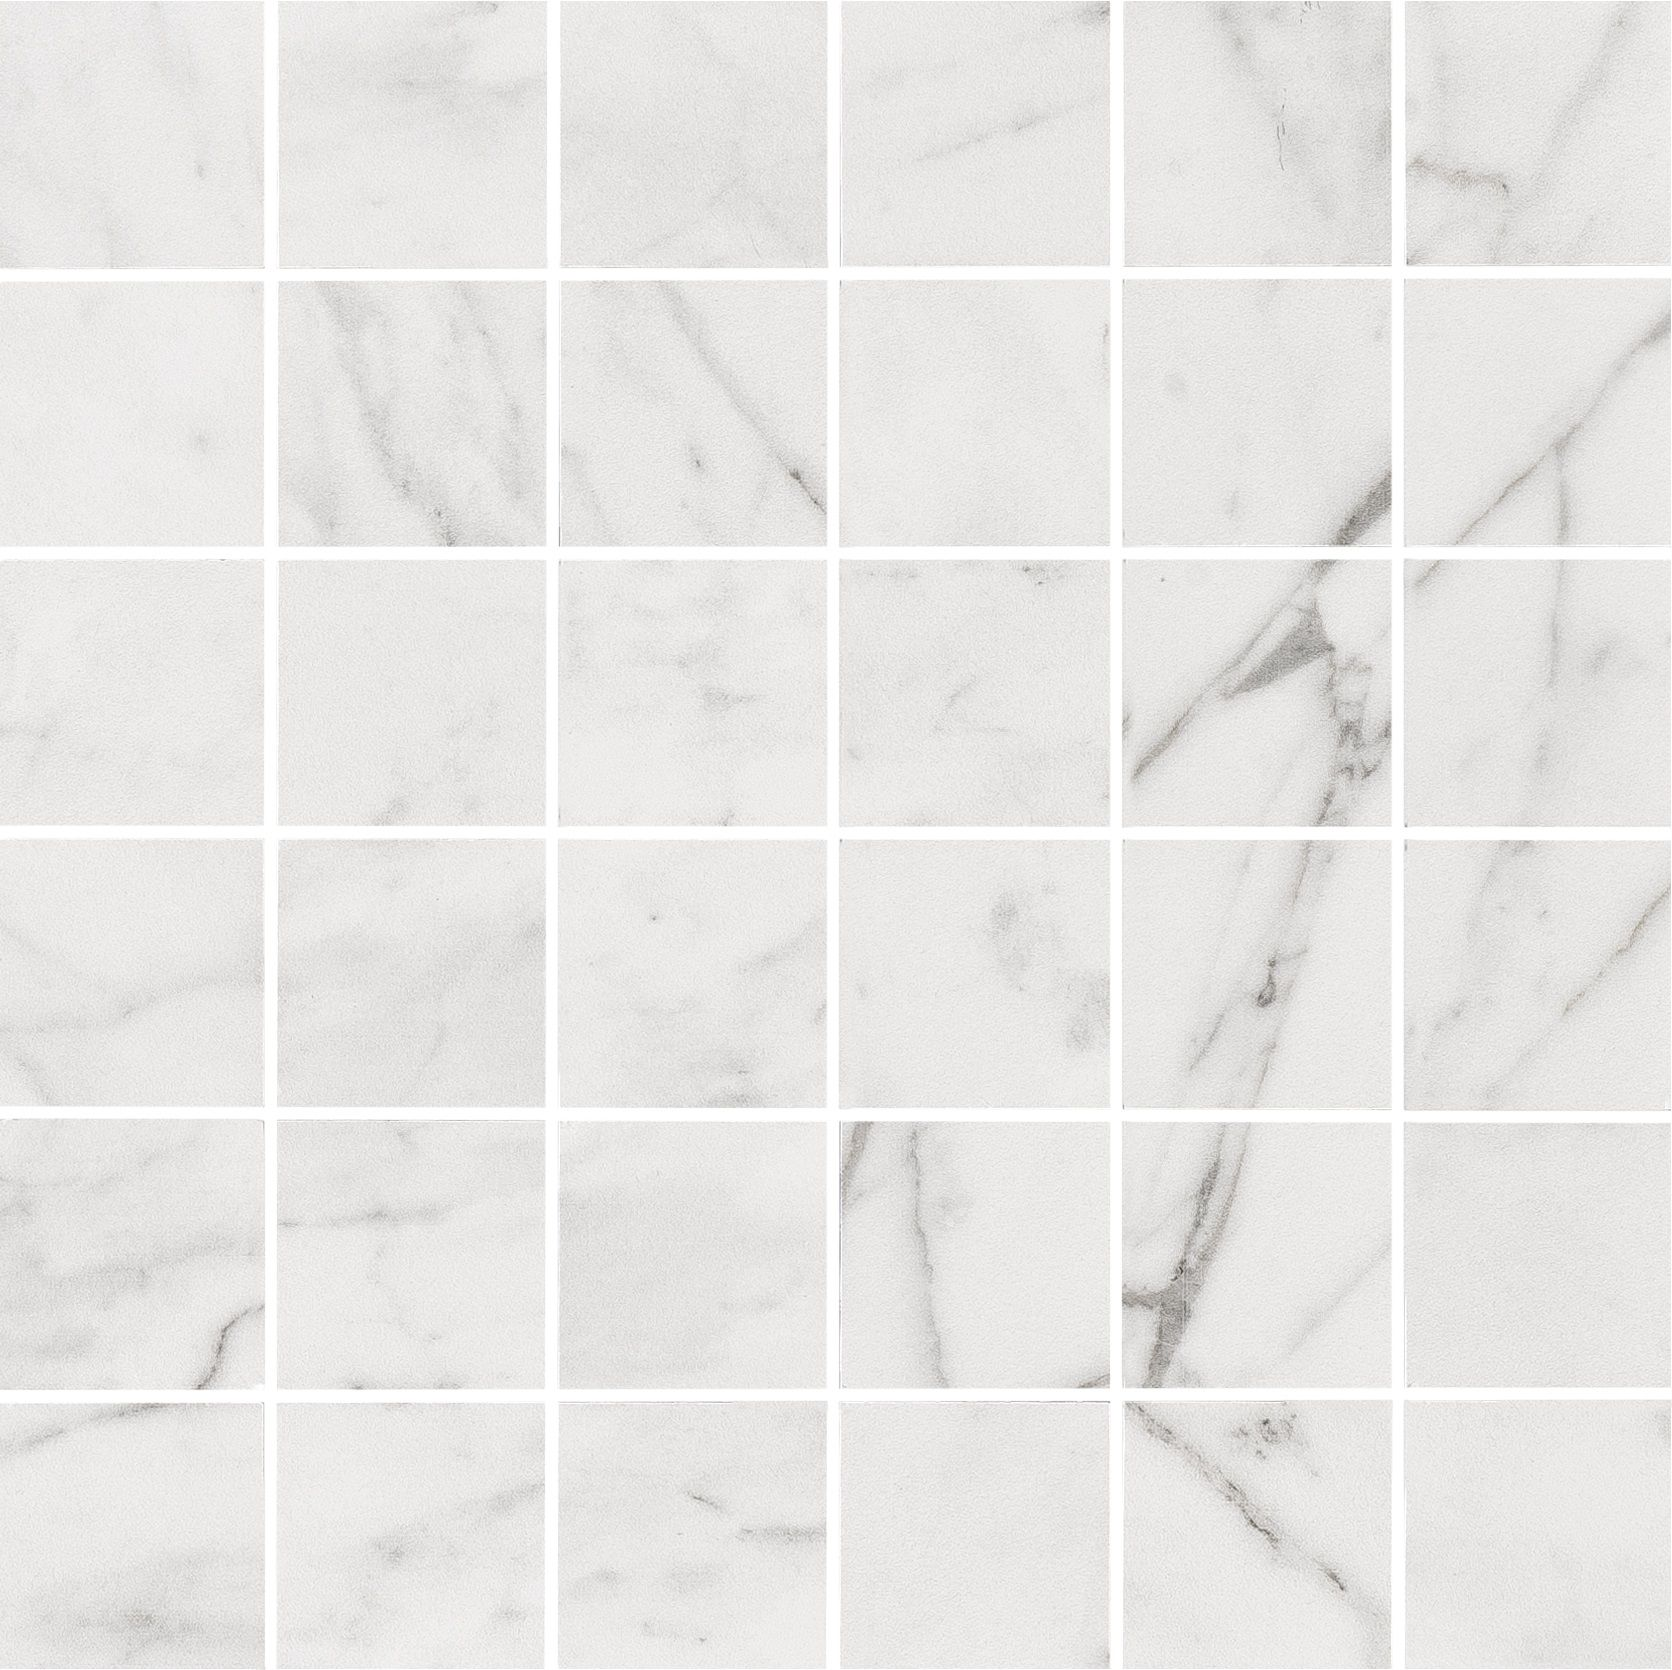 37105 M0505 Statuario Honed  Inspirerad av den italienska marmorn Statuario, med granitkeramikens alla praktiska fördelar och en yta som liknar en slipad marmor.